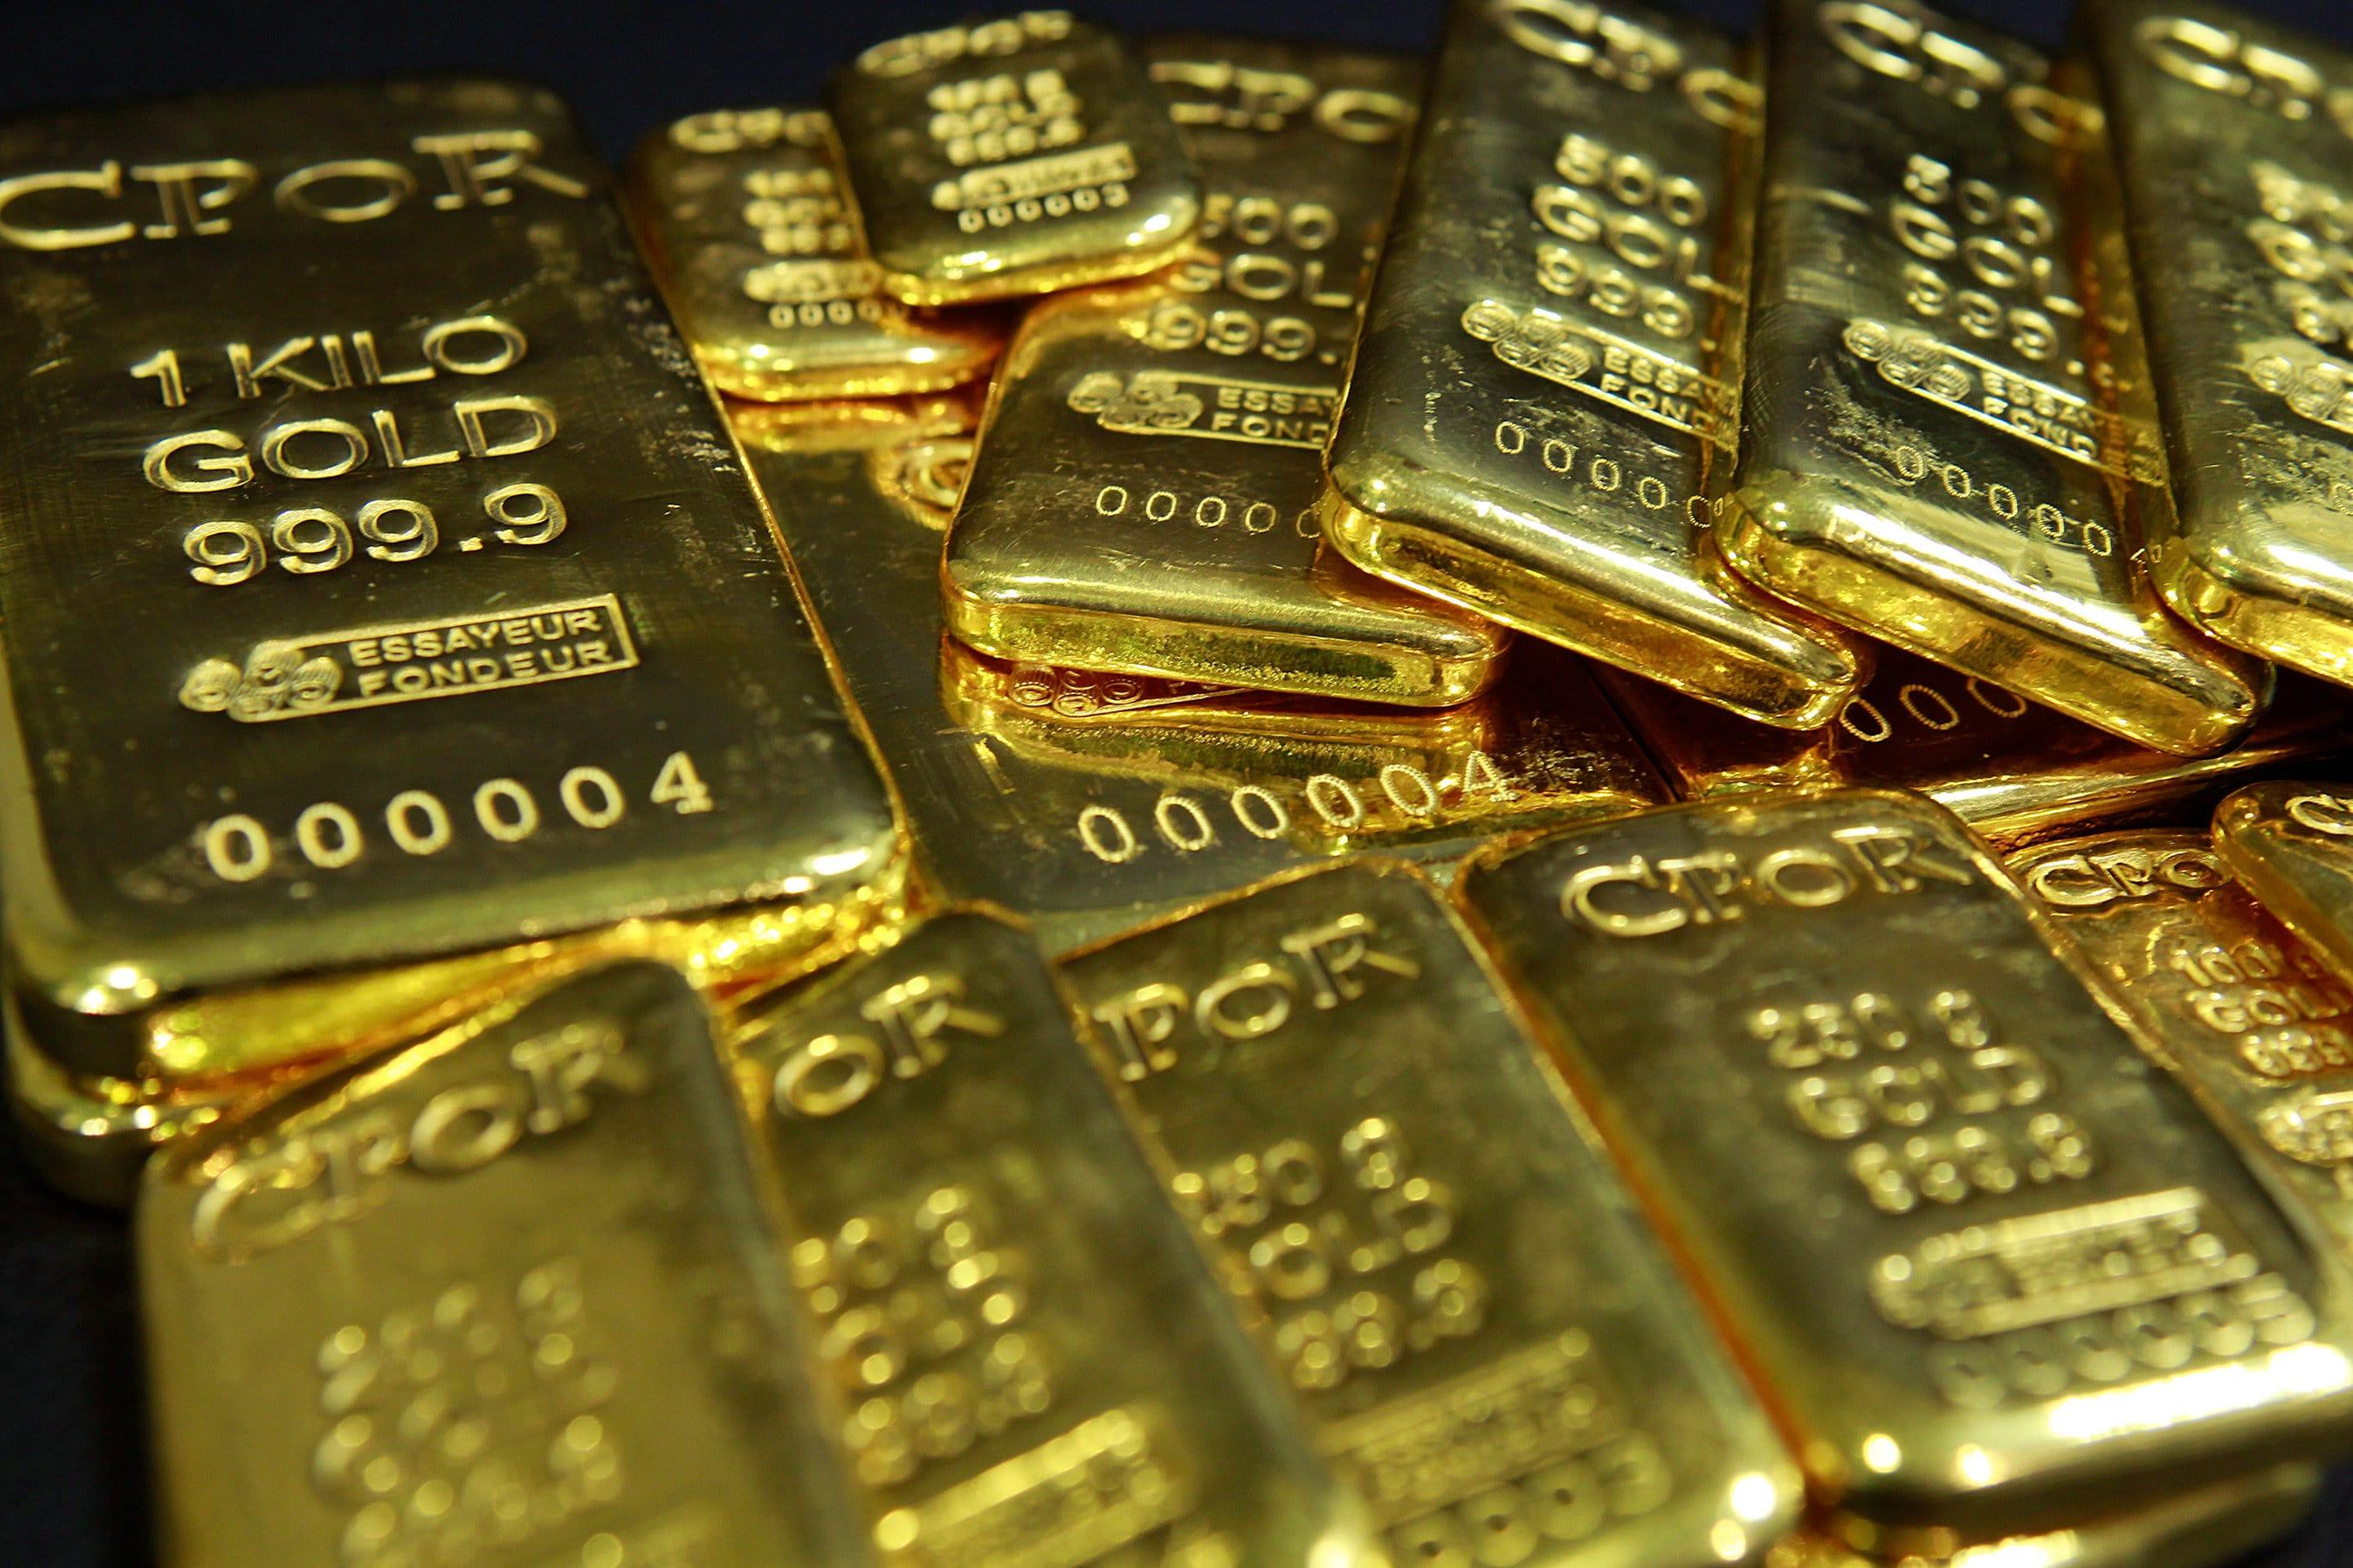 килограмм золота картинка собой при